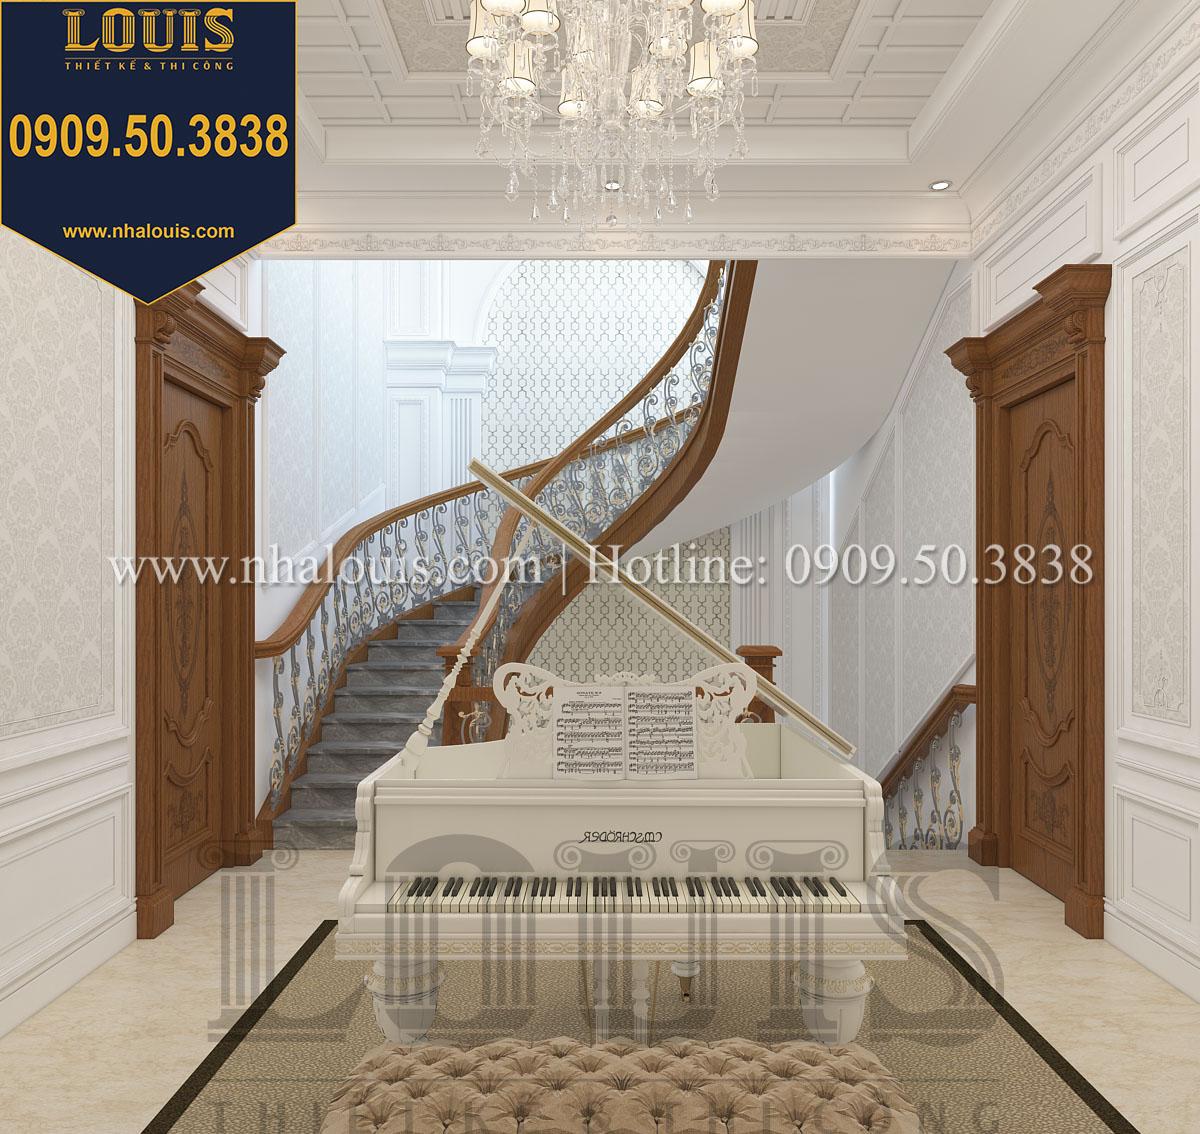 Sảnh biệt thự phong cách cổ điển châu Âu - 030